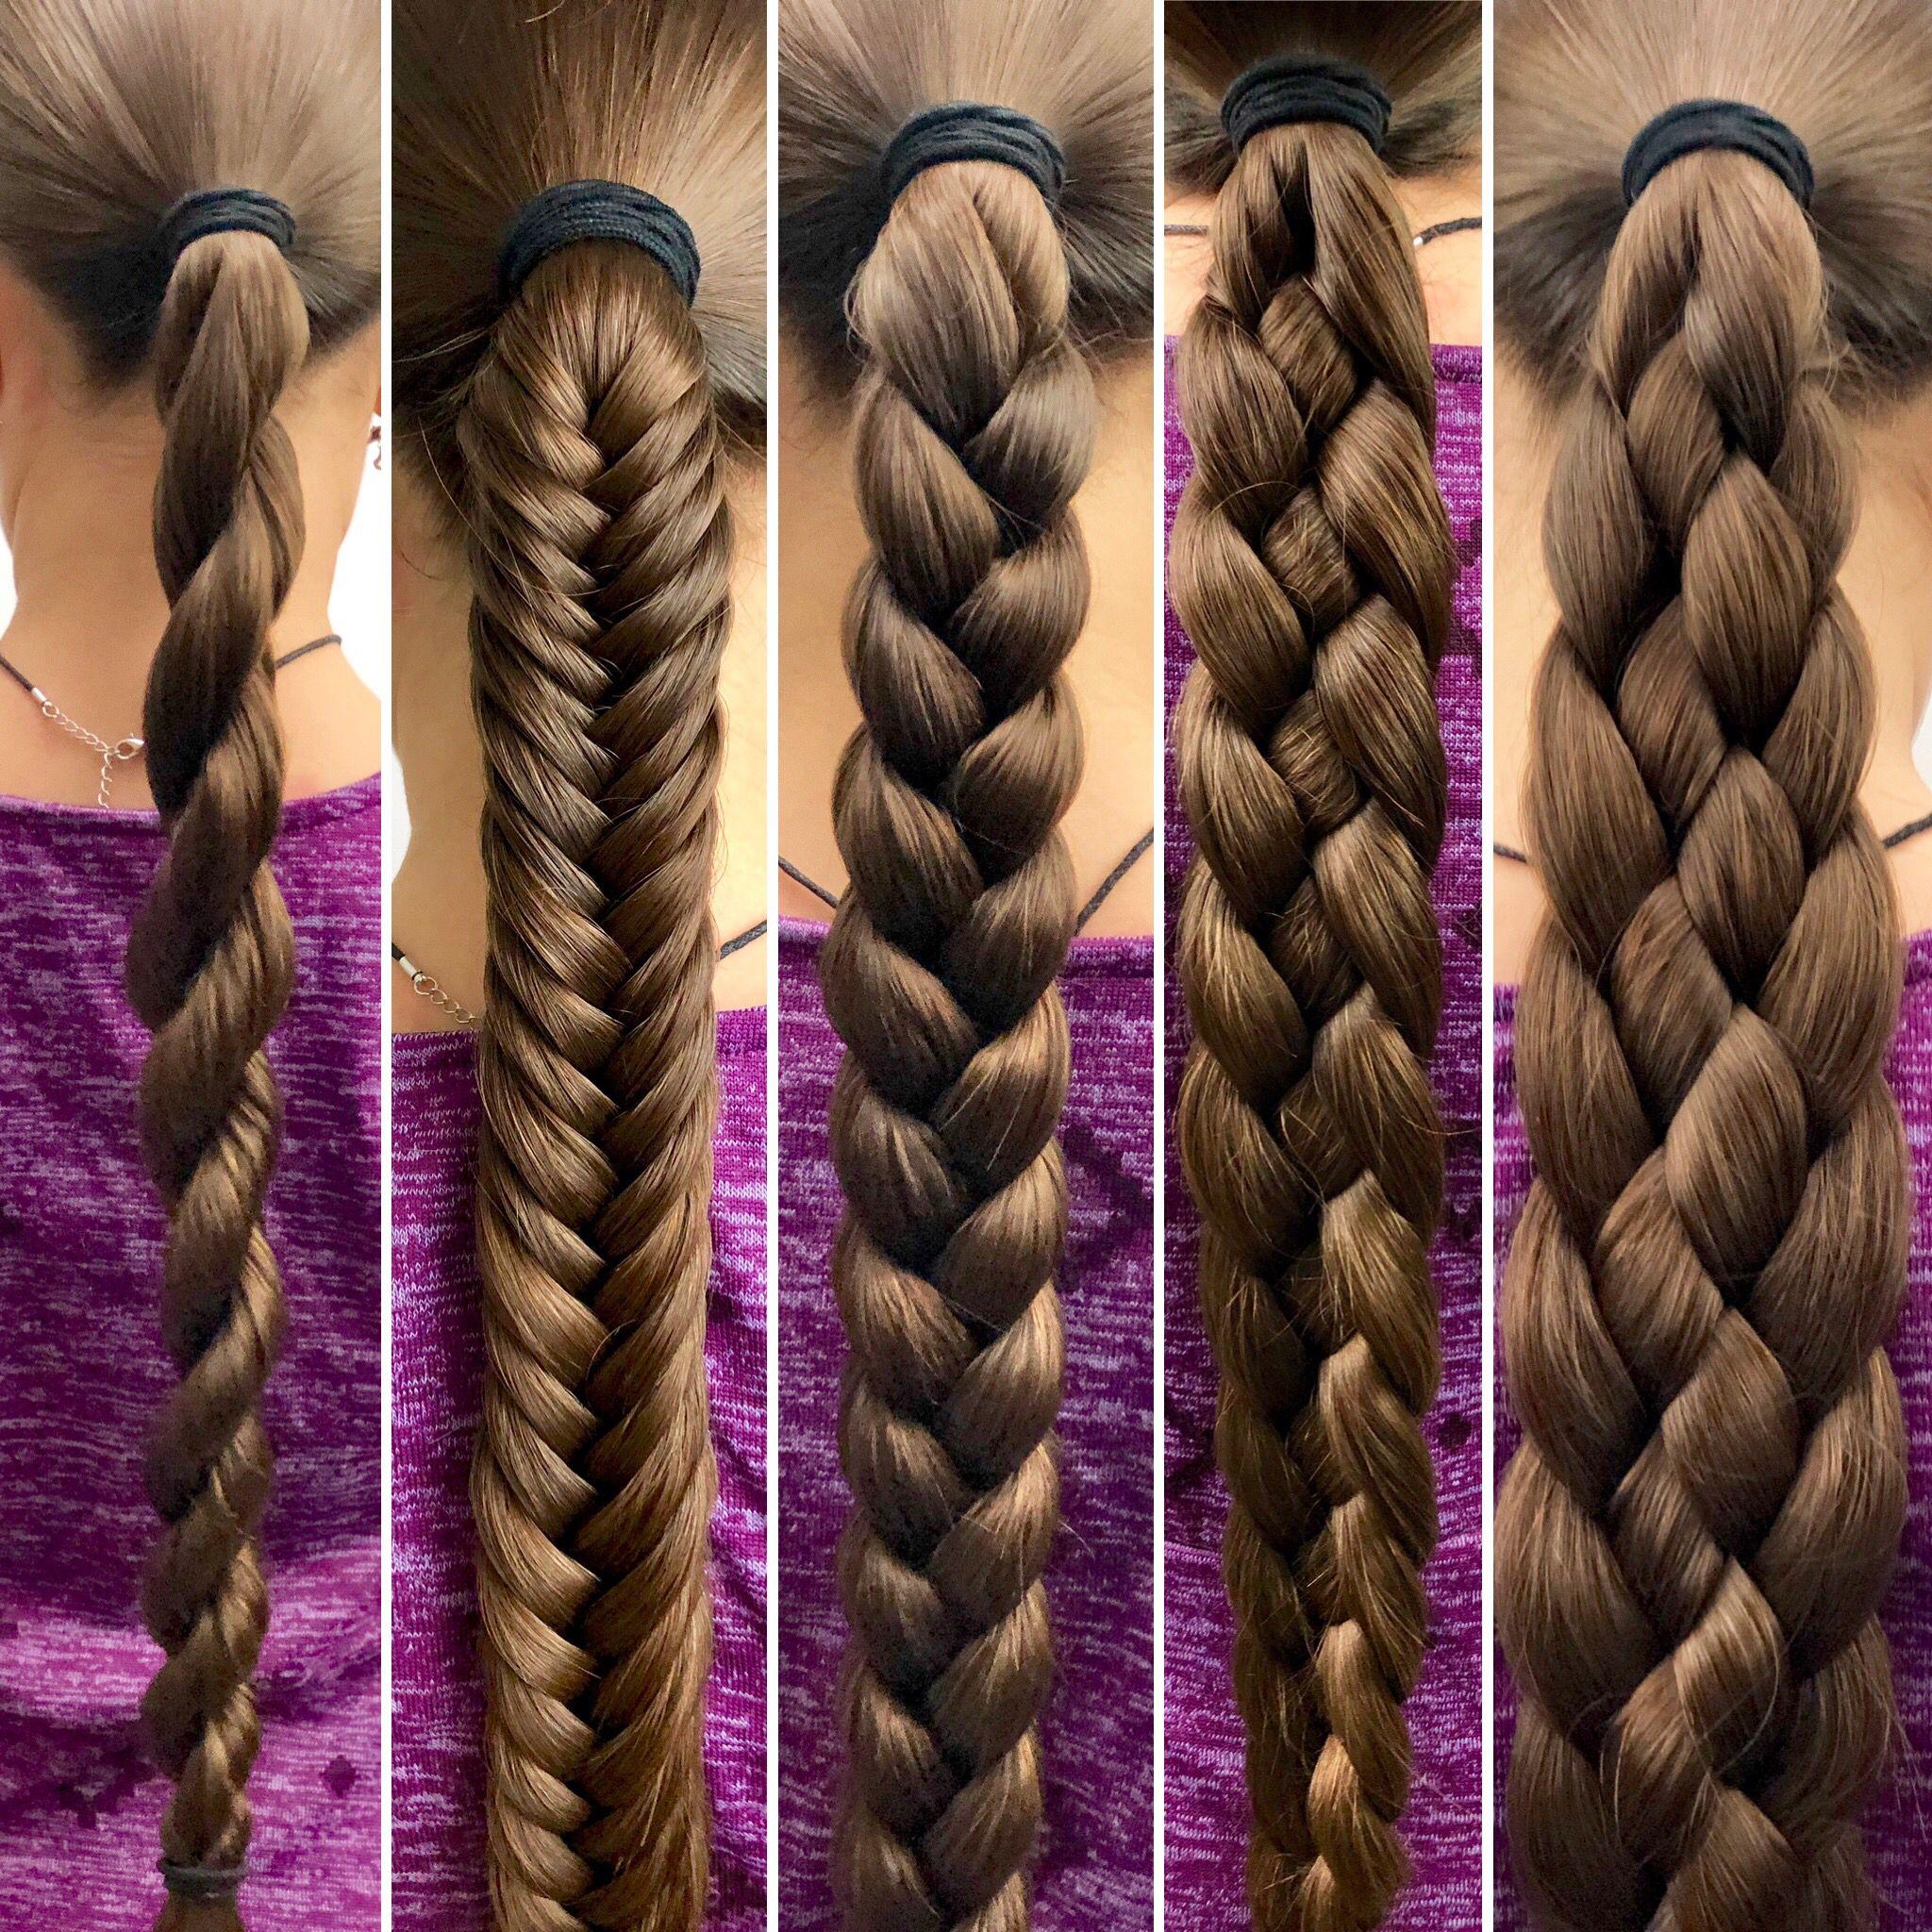 Épinglé par Oceane sur coiffure en 2019 Coiffures à